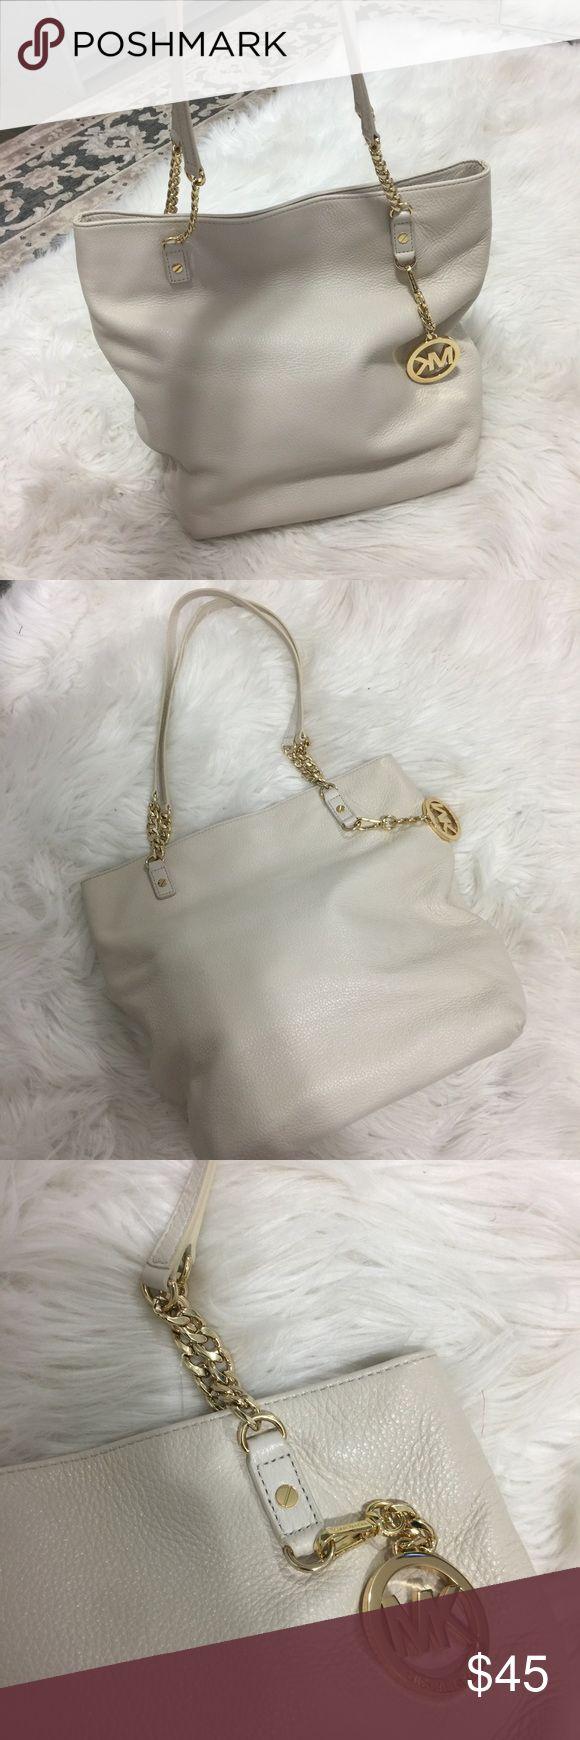 Michael Kors cream shoulder bag gold hardware Michael Kors cream leather shoulder bag with gold hardware - super soft - excellent condition KORS Michael Kors Bags Shoulder Bags